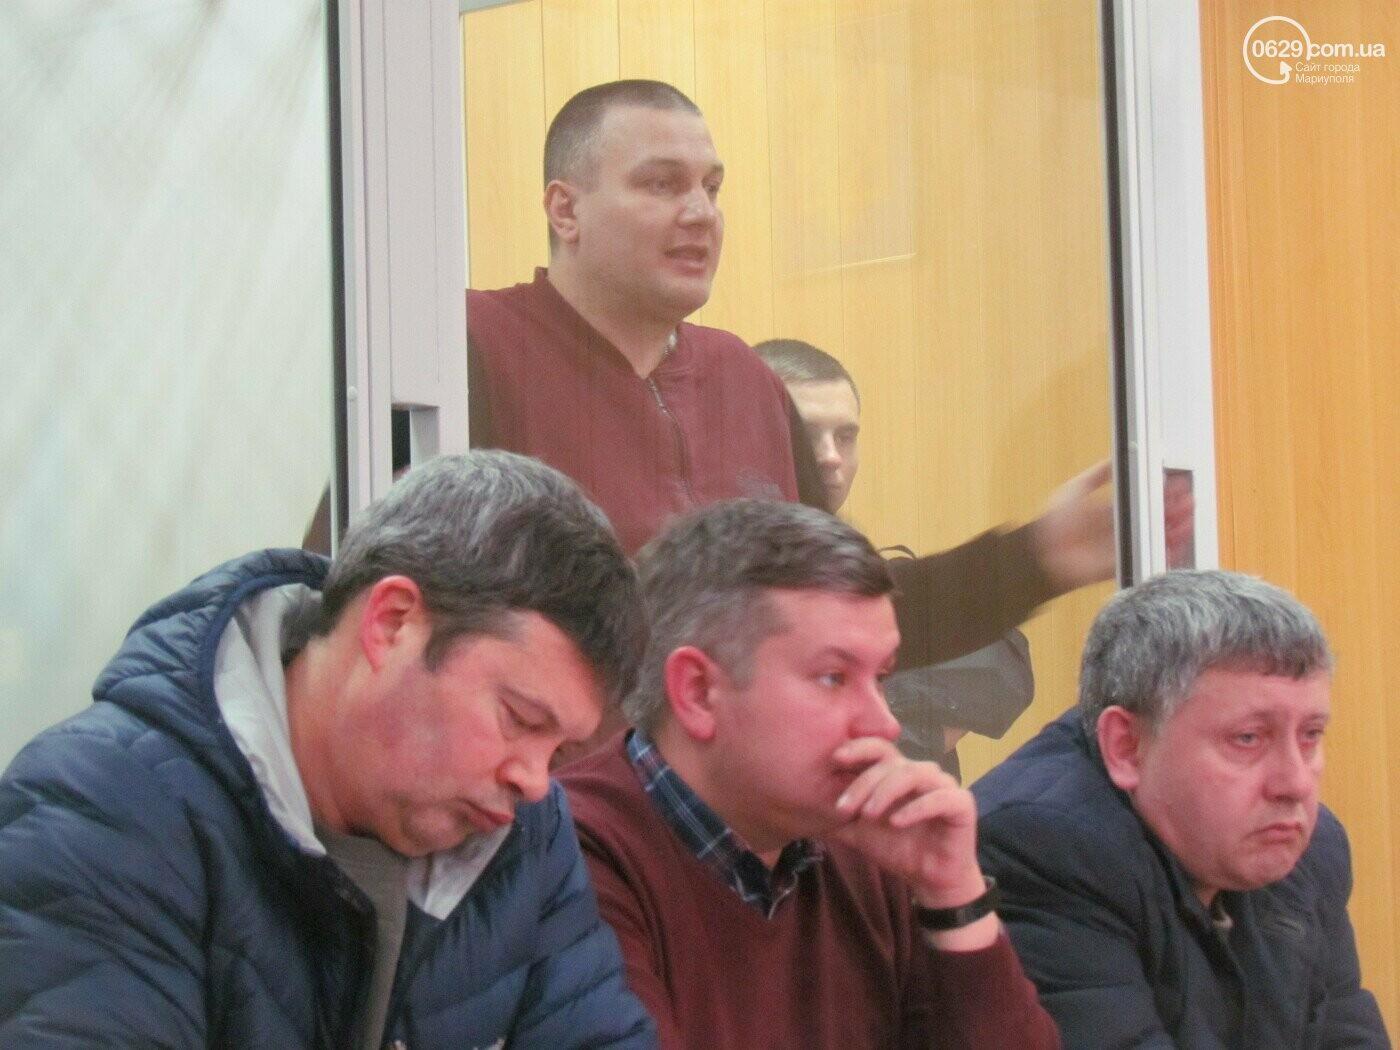 Под домашним арестом. Как живет обвиняемый в тройном убийстве Петр Салама, - ФОТО, фото-4